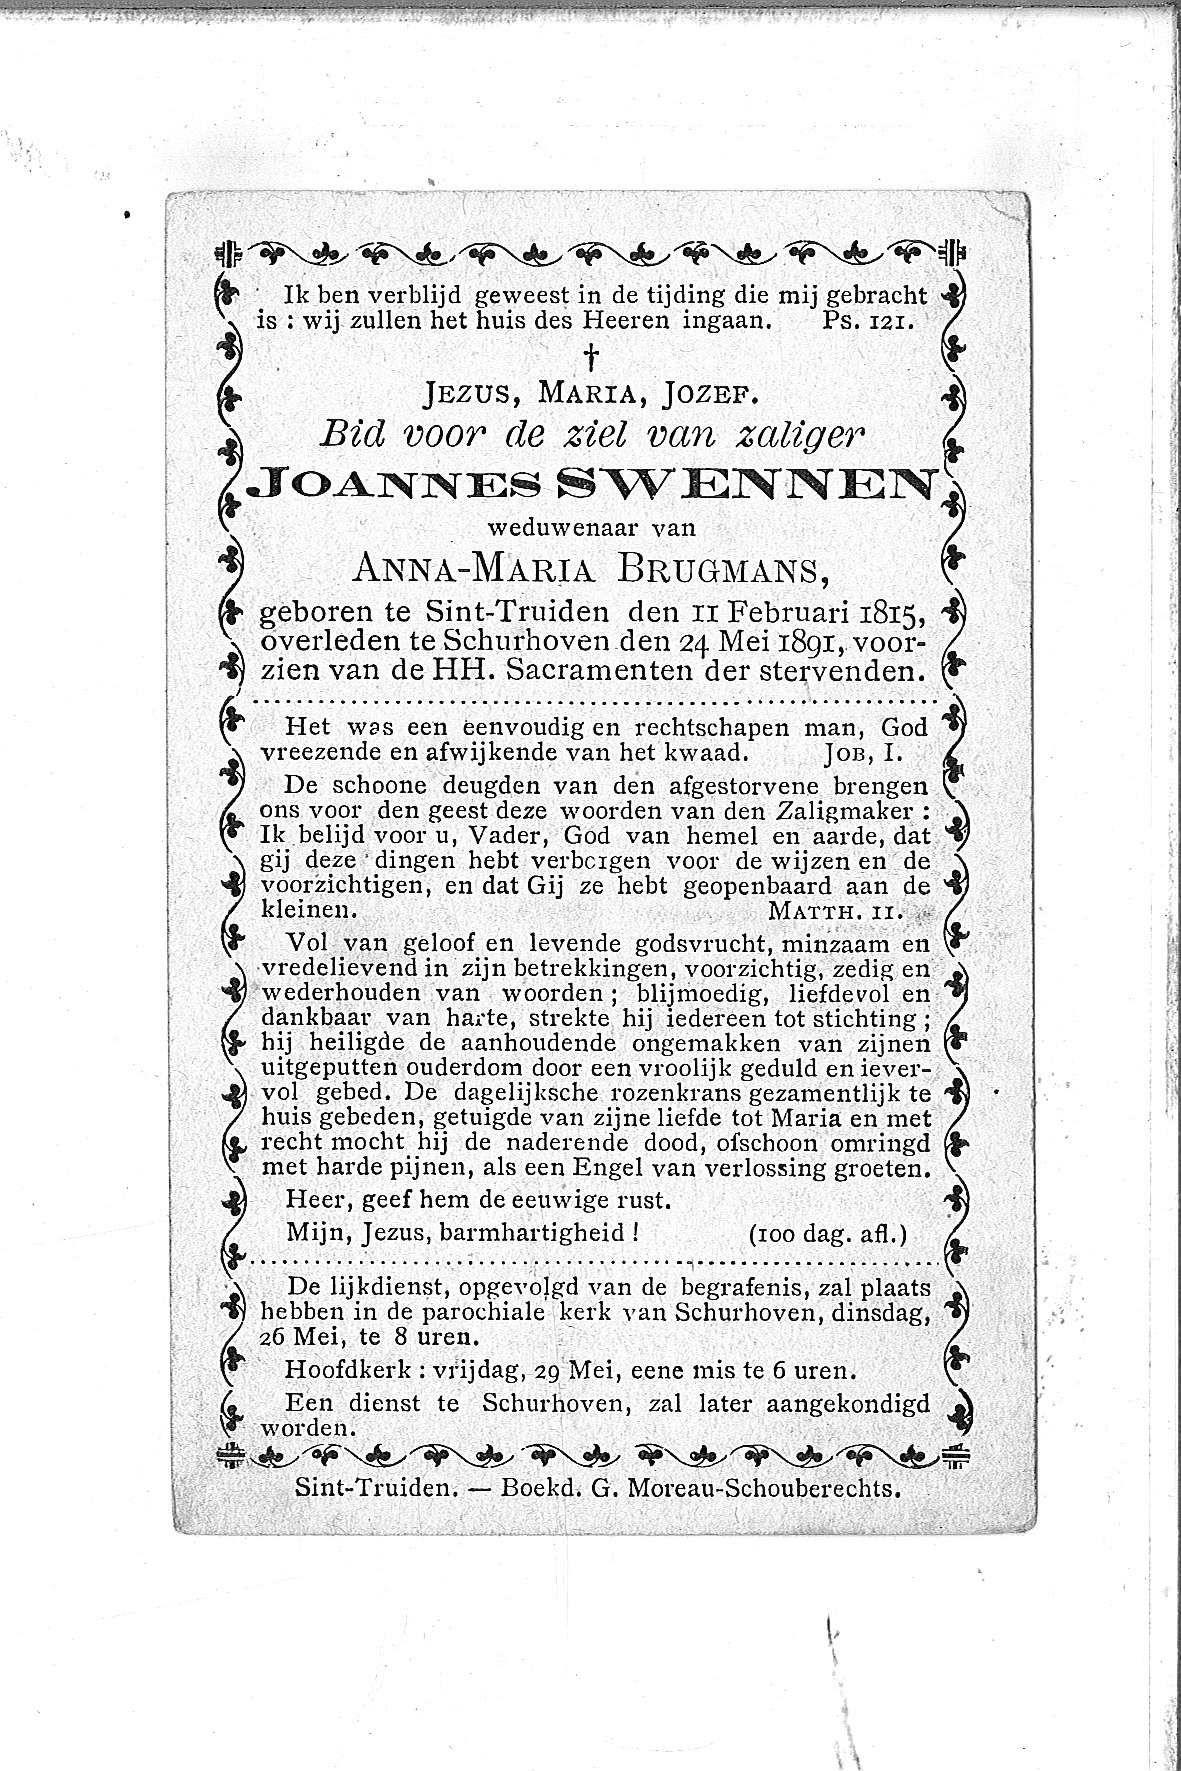 Joannes(1891)20140707095726_00141.jpg